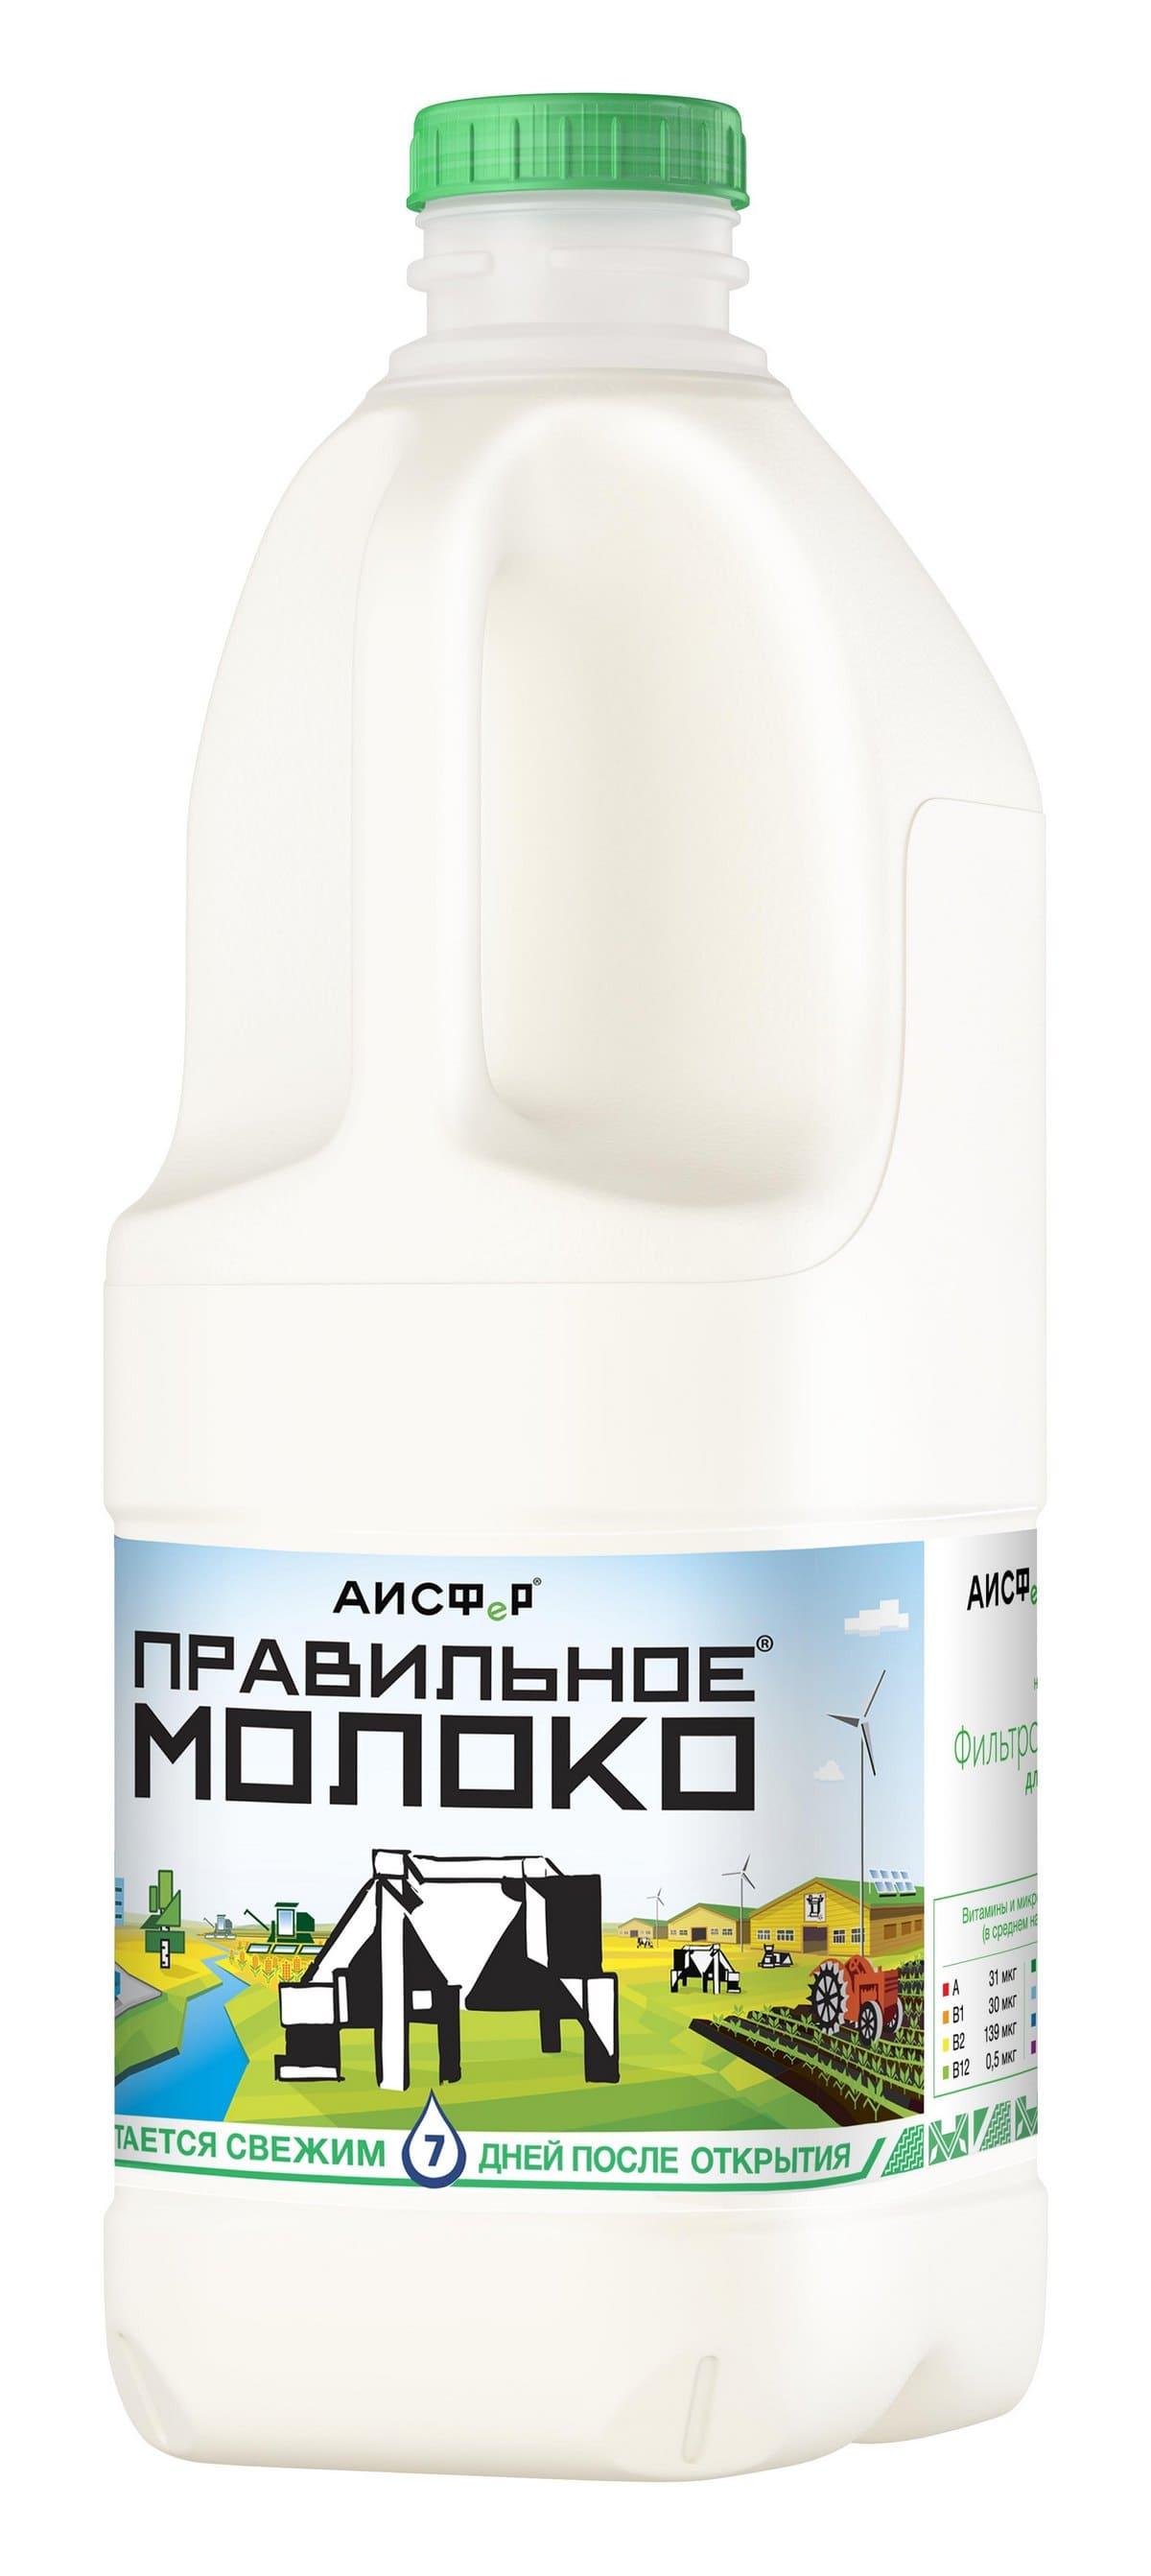 Фото - Правильное Молоко БЗМЖ Молоко 2.5% 2л Правильное молоко молоко